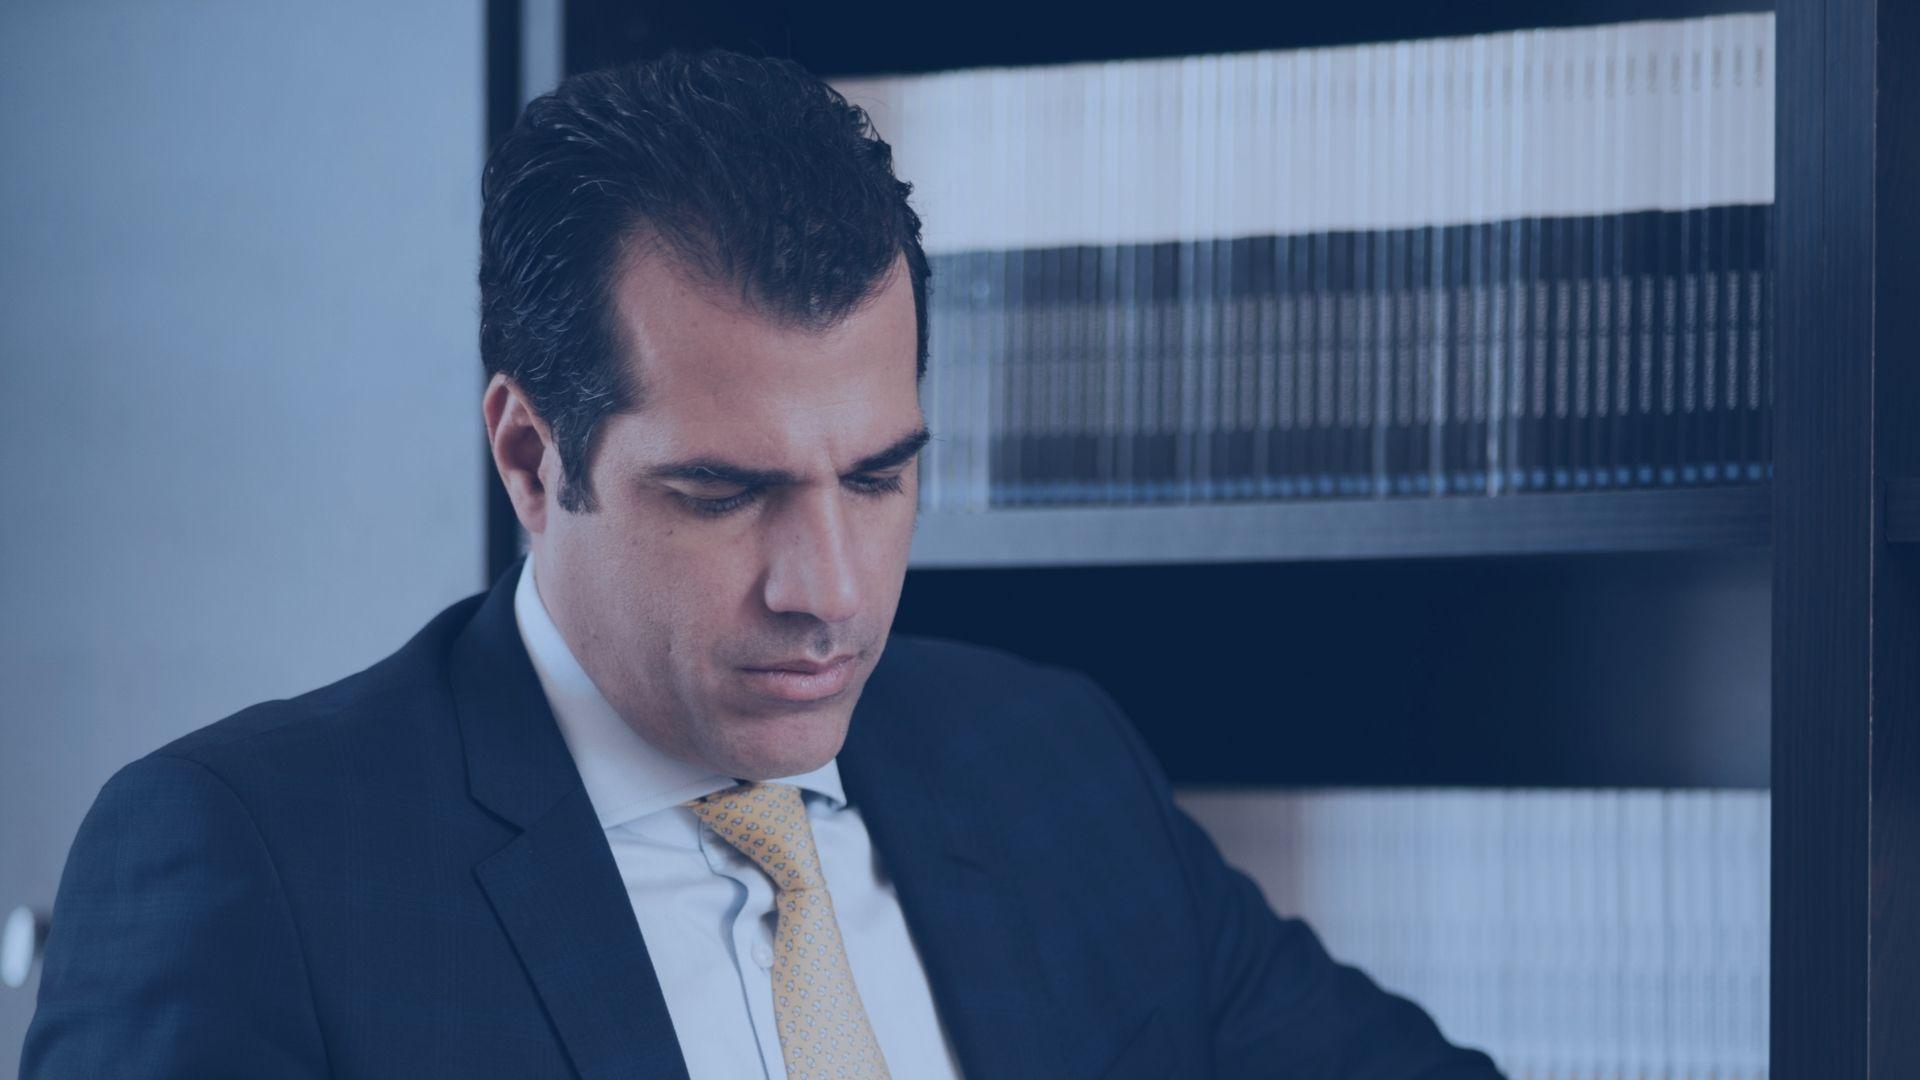 Ερώτηση στη Βουλή Διαδικτυακή επικοινωνία μεταξύ δικηγόρου και εντολέα σε σωφρονιστικά καταστήματα κράτησης